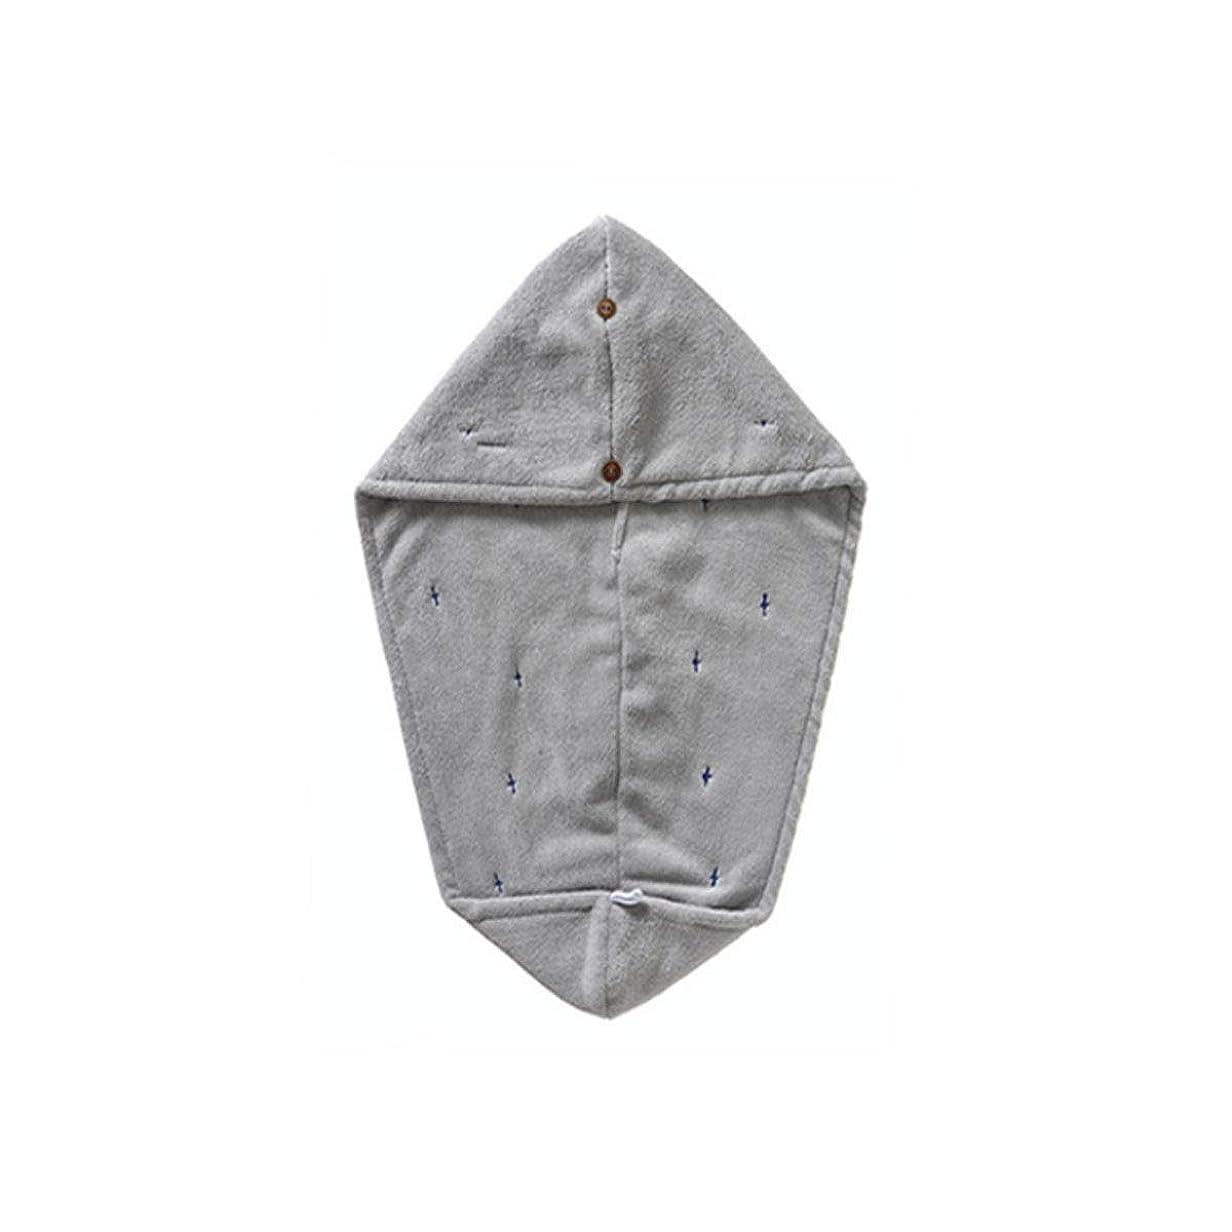 眠るコンテンツ超越するXIONGHAIZI シャワーキャップ、二層吸収性ソフトドライヘアキャップ、乾いたタオル、タオル、高品質 (Color : Gray)